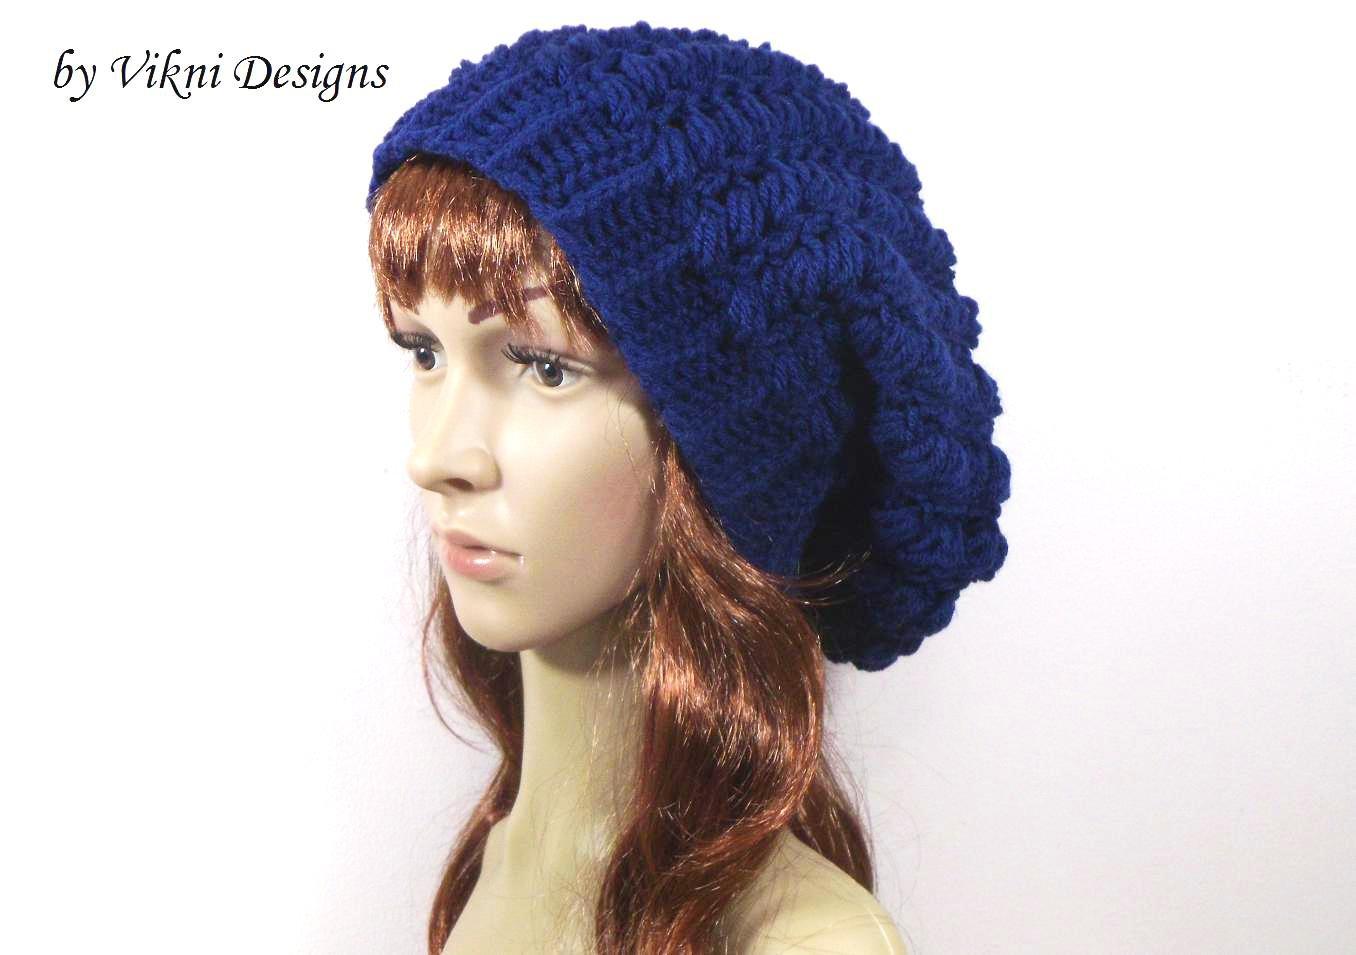 Crochet Slouchy Crochet Hat Beanie in Navy BLue by Vikni Crochet Designs